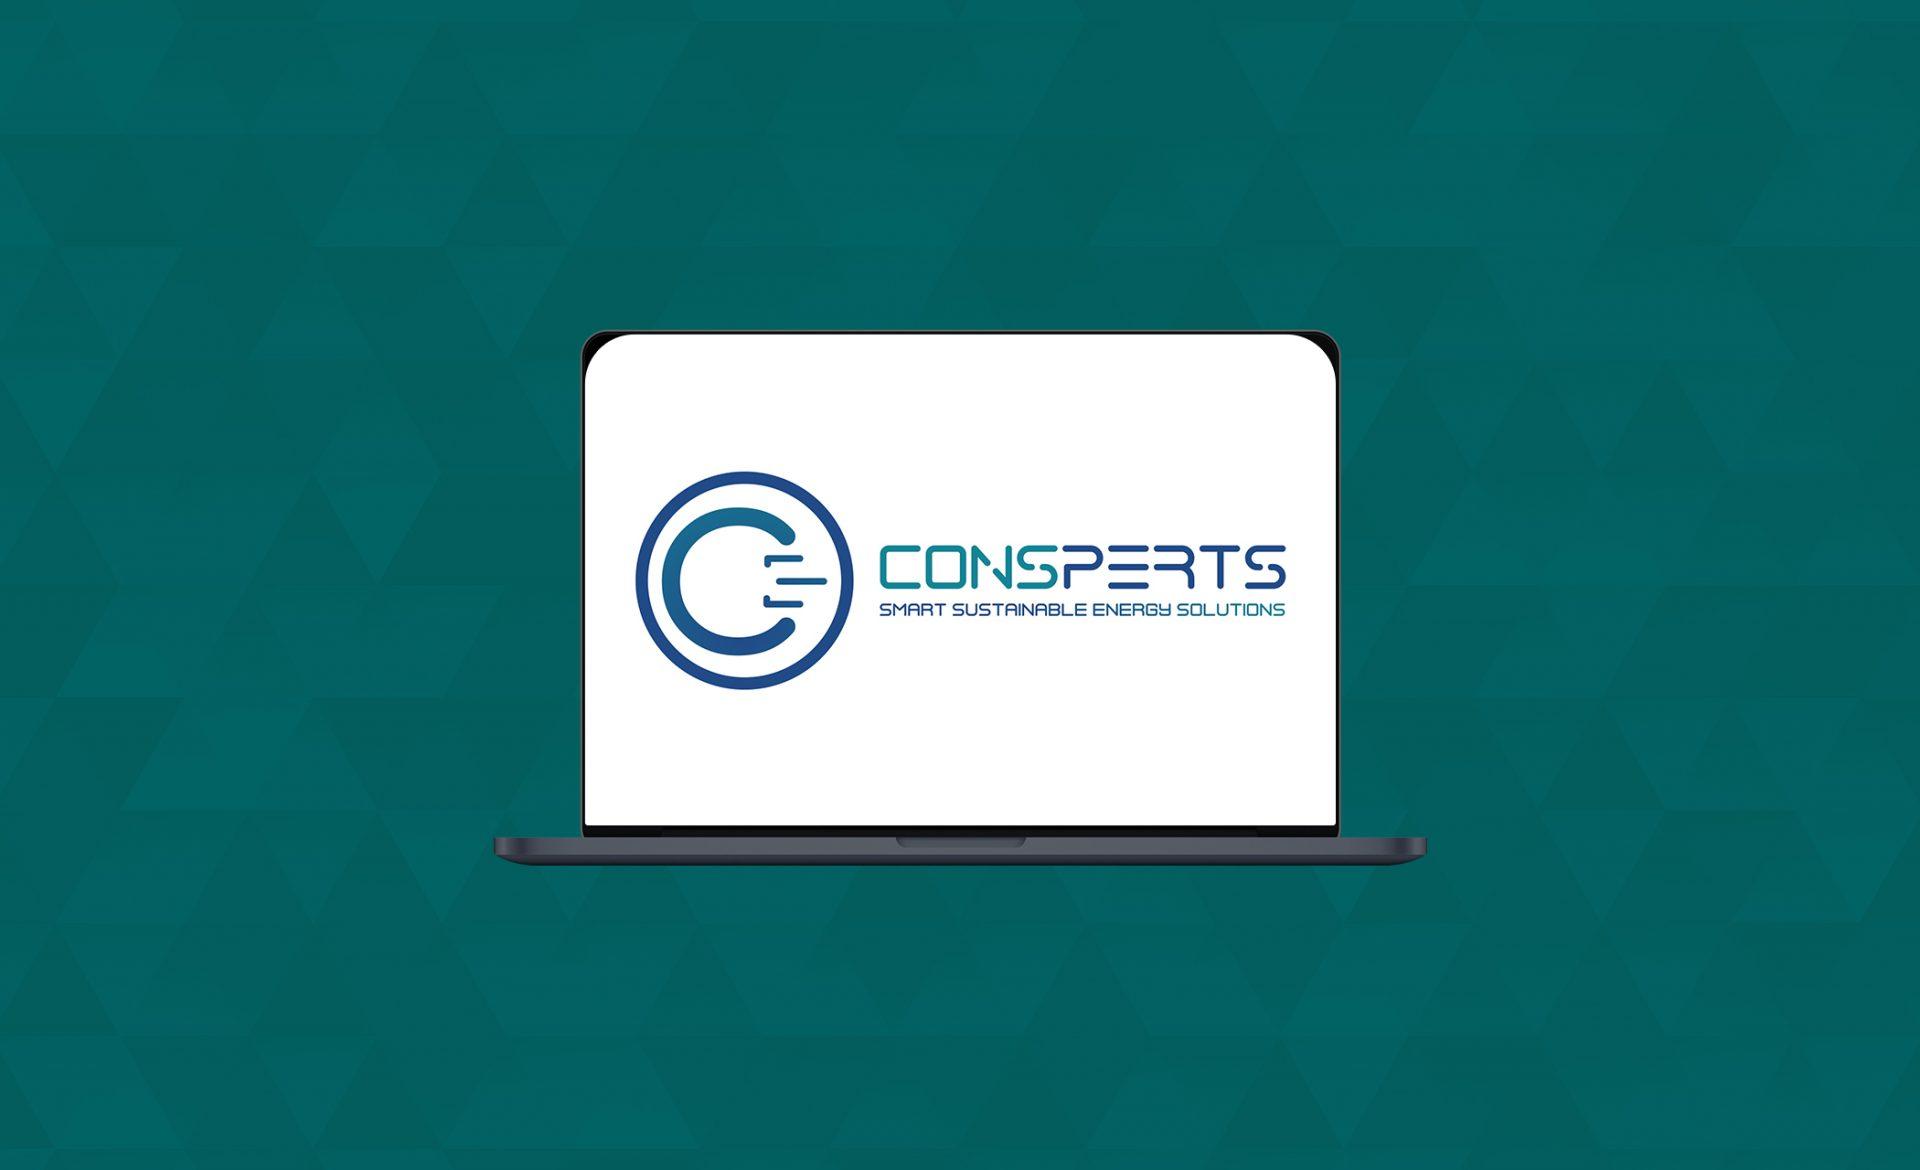 CONSPERTS Logo